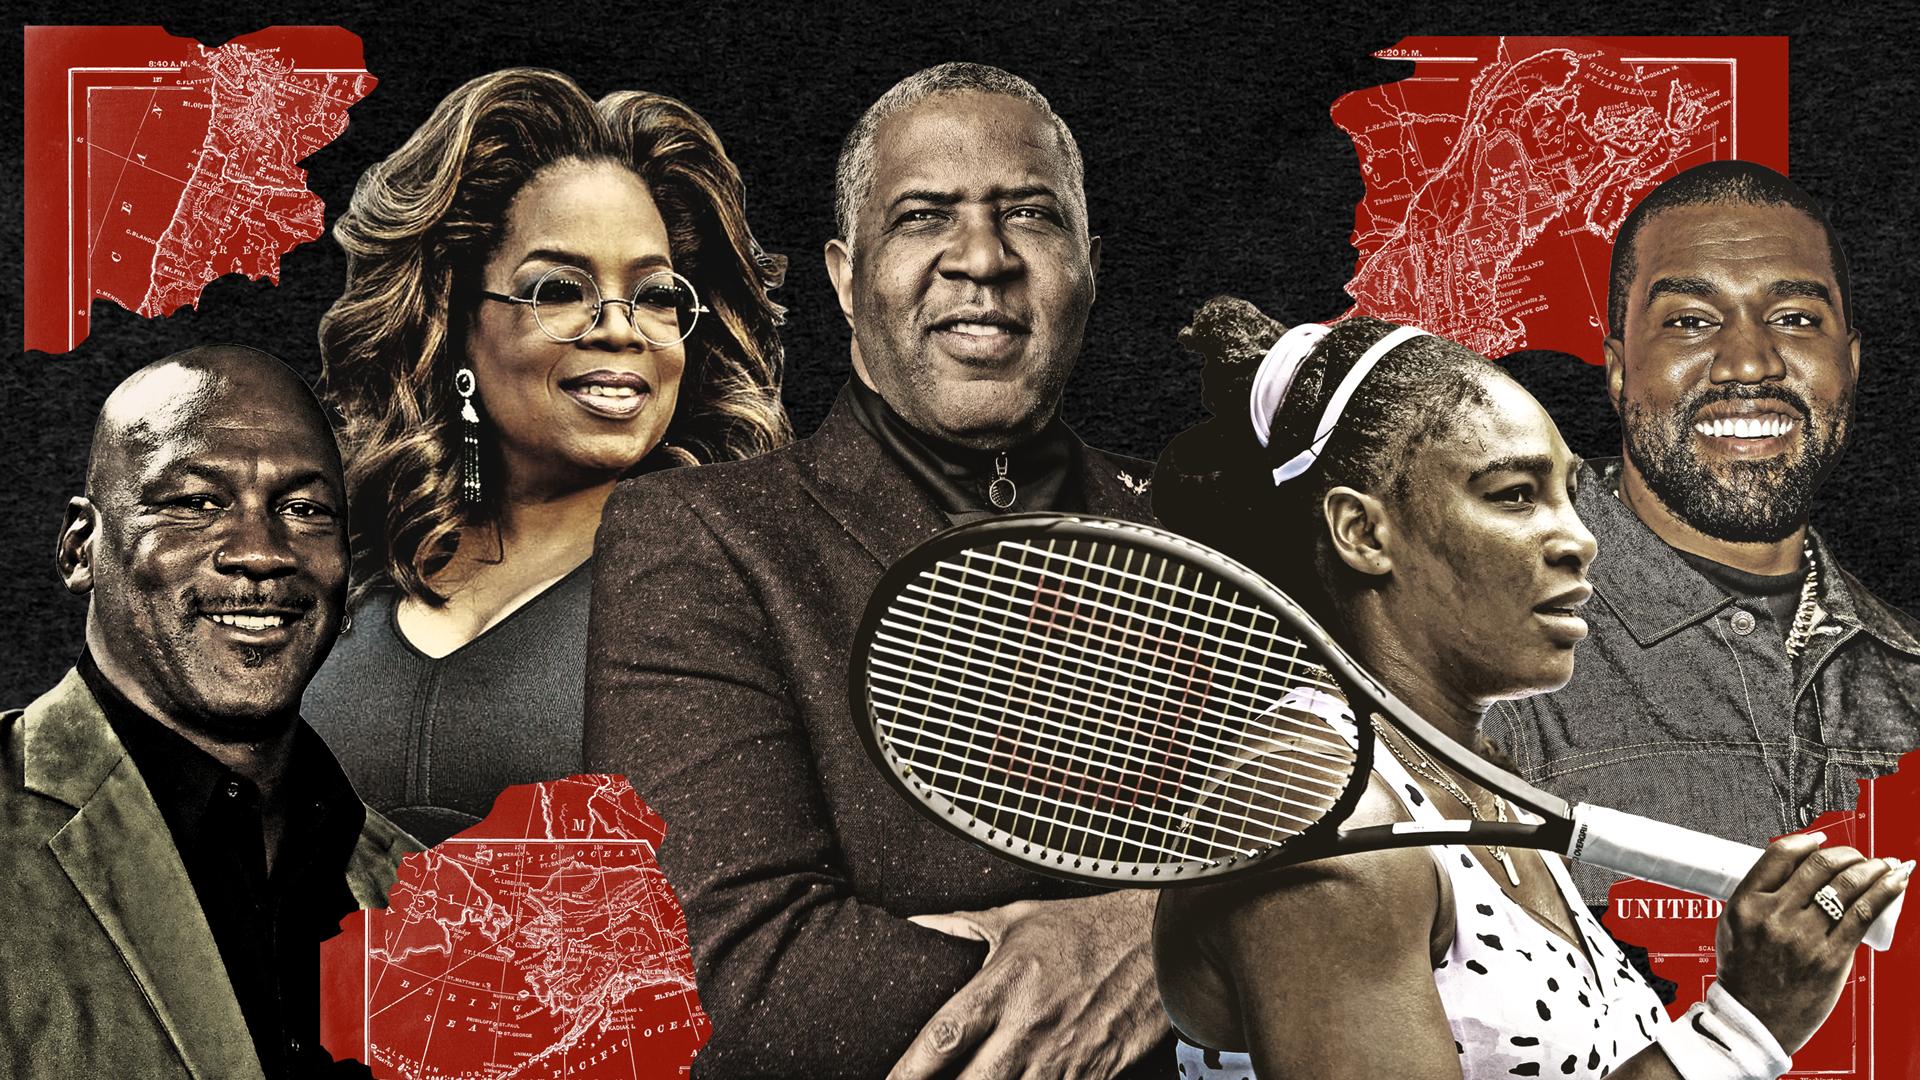 Black In Business: Celebrating The Legacy Of Black Entrepreneurship